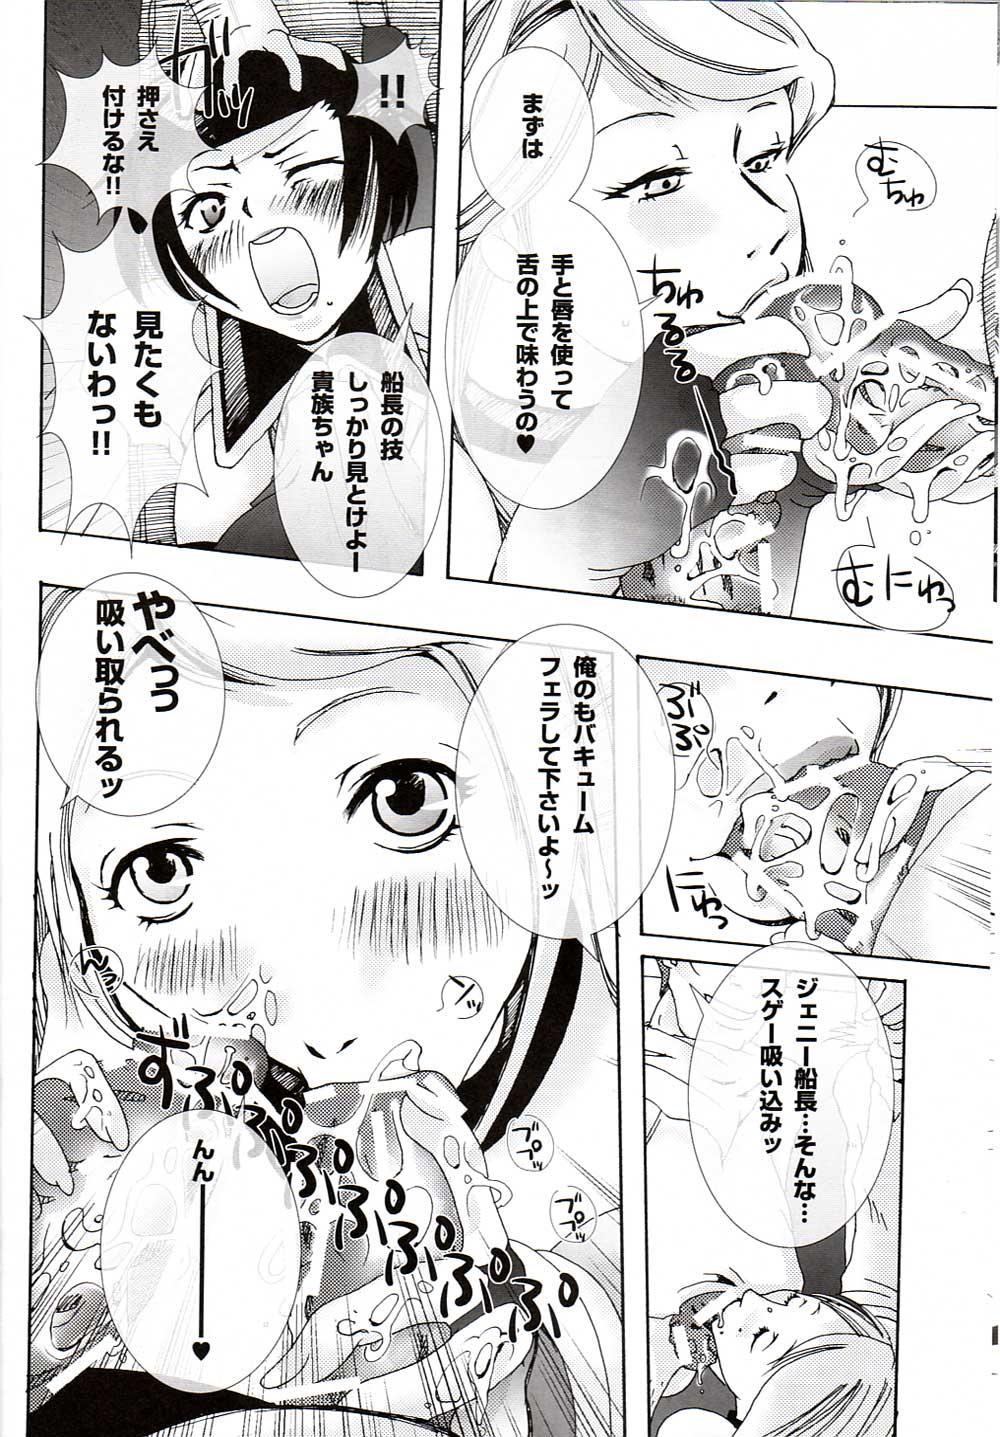 Kaizoku Kizoku 4